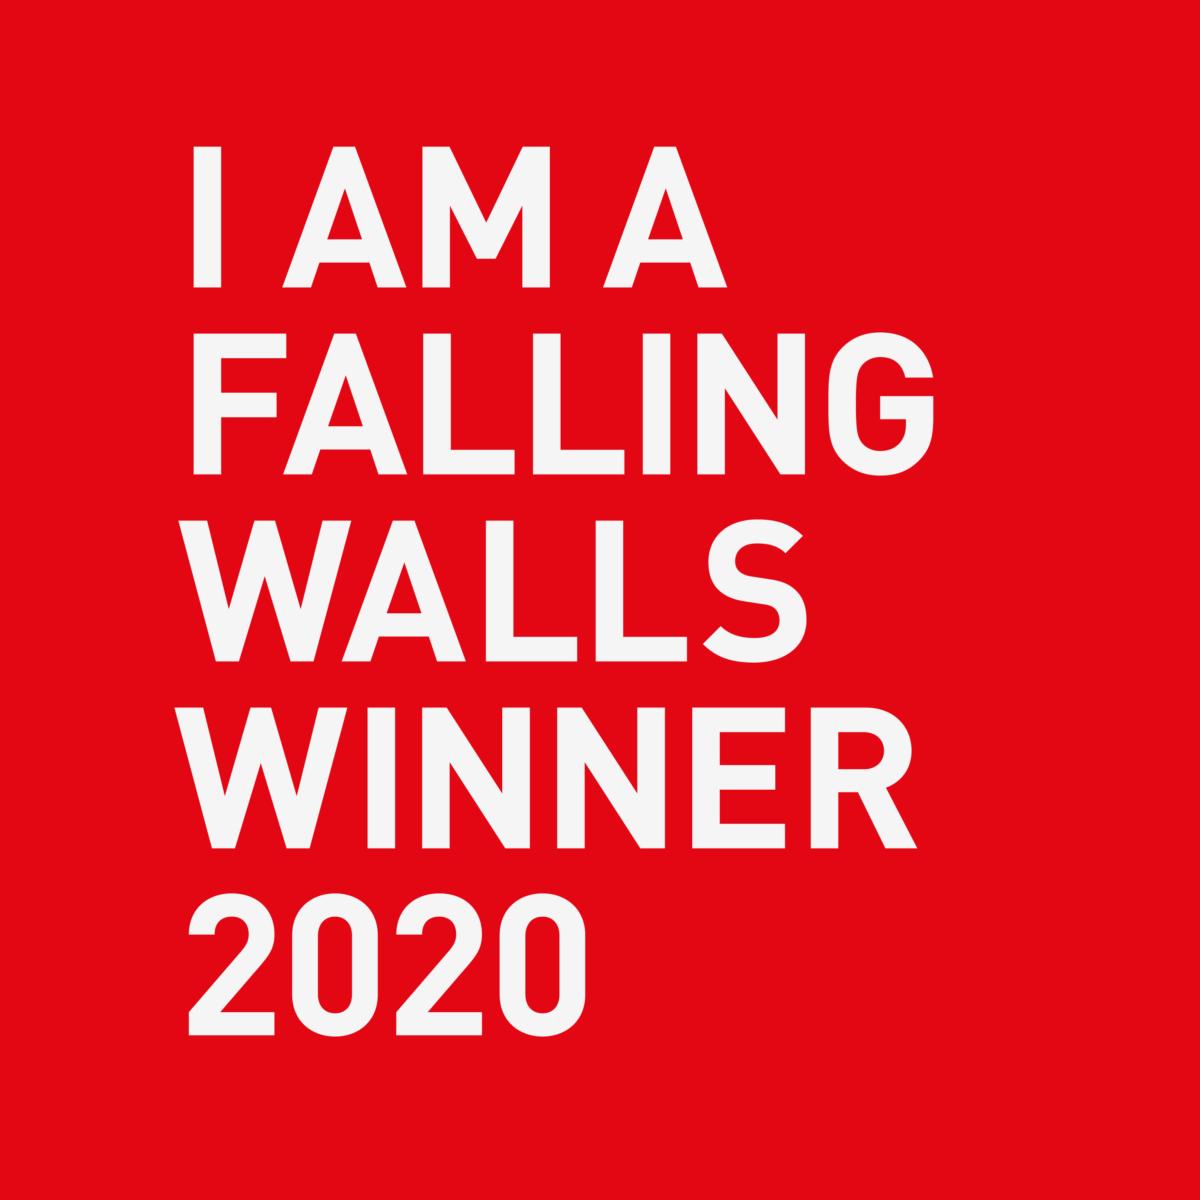 Falling Walls 2020 Winner